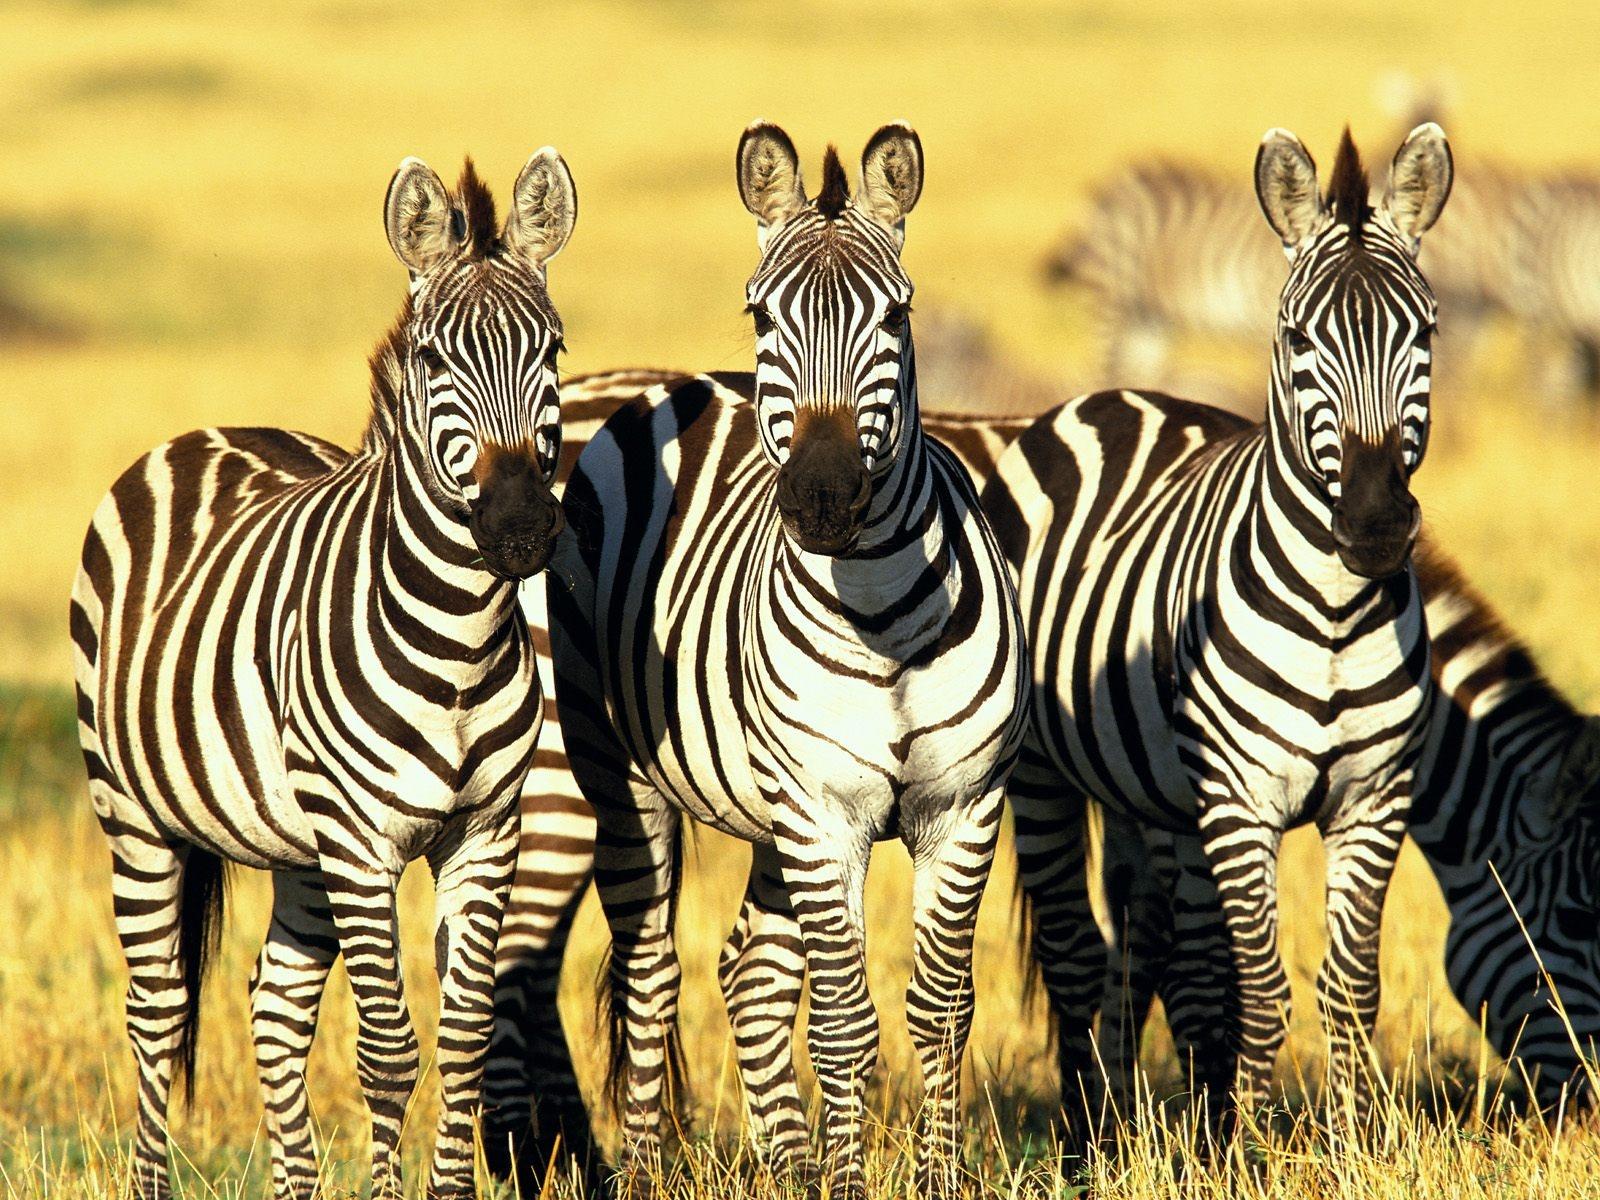 http://2.bp.blogspot.com/-rPEM1Ton4vQ/T6lMhwtBnjI/AAAAAAAAeFs/0m--c4qz_h0/s1600/three_zebra_1600x1200.jpg